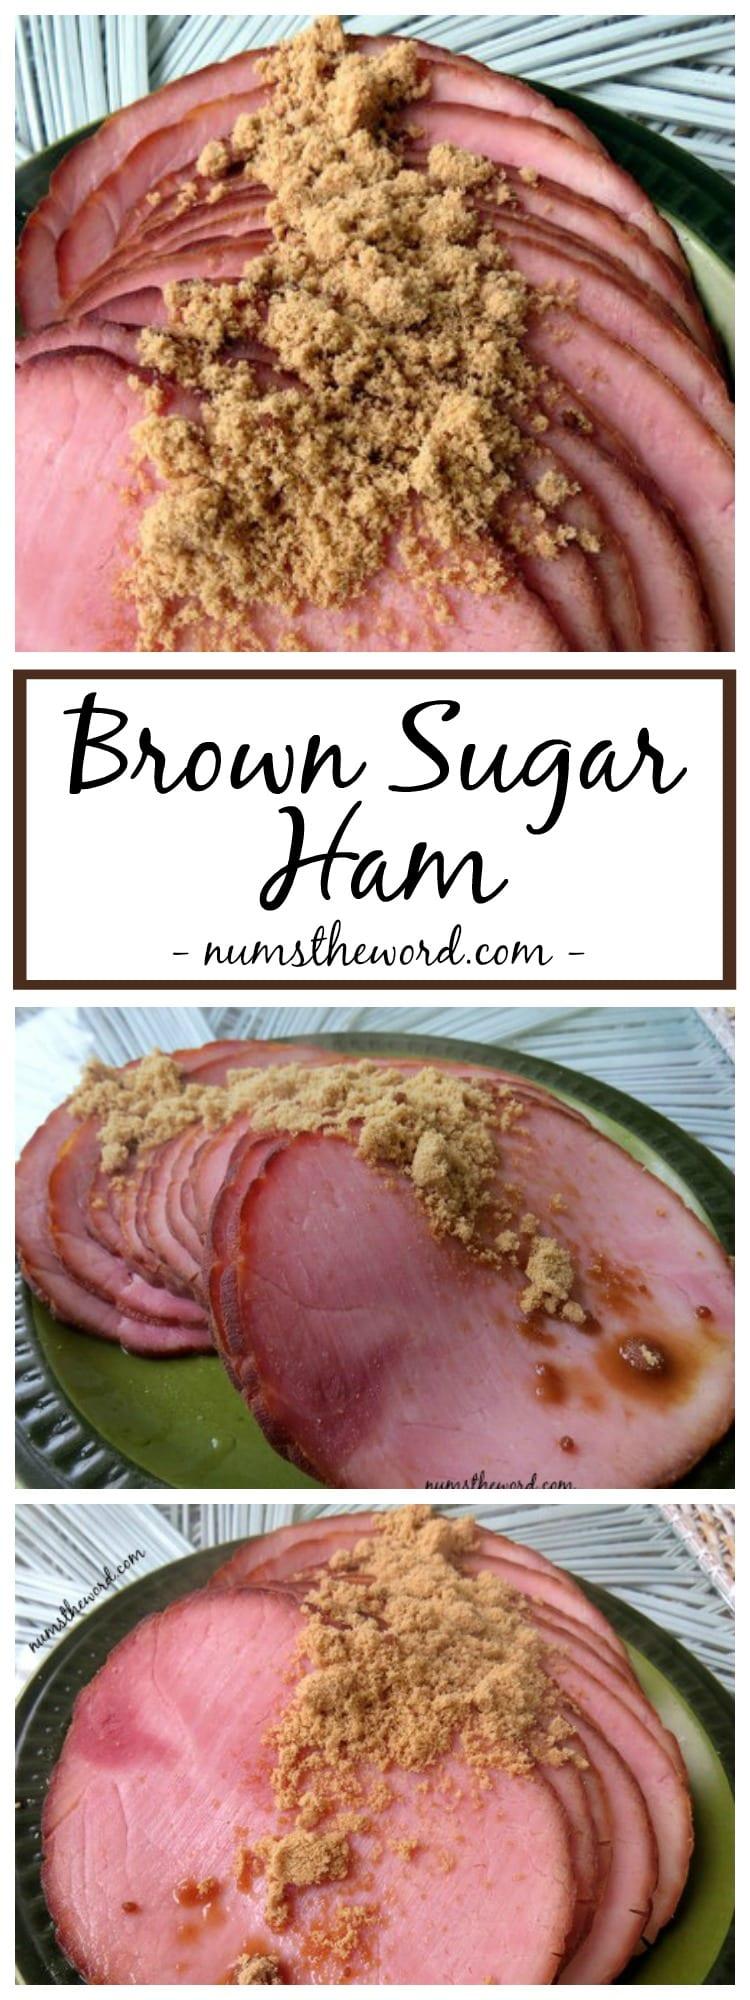 Brown Sugar Ham